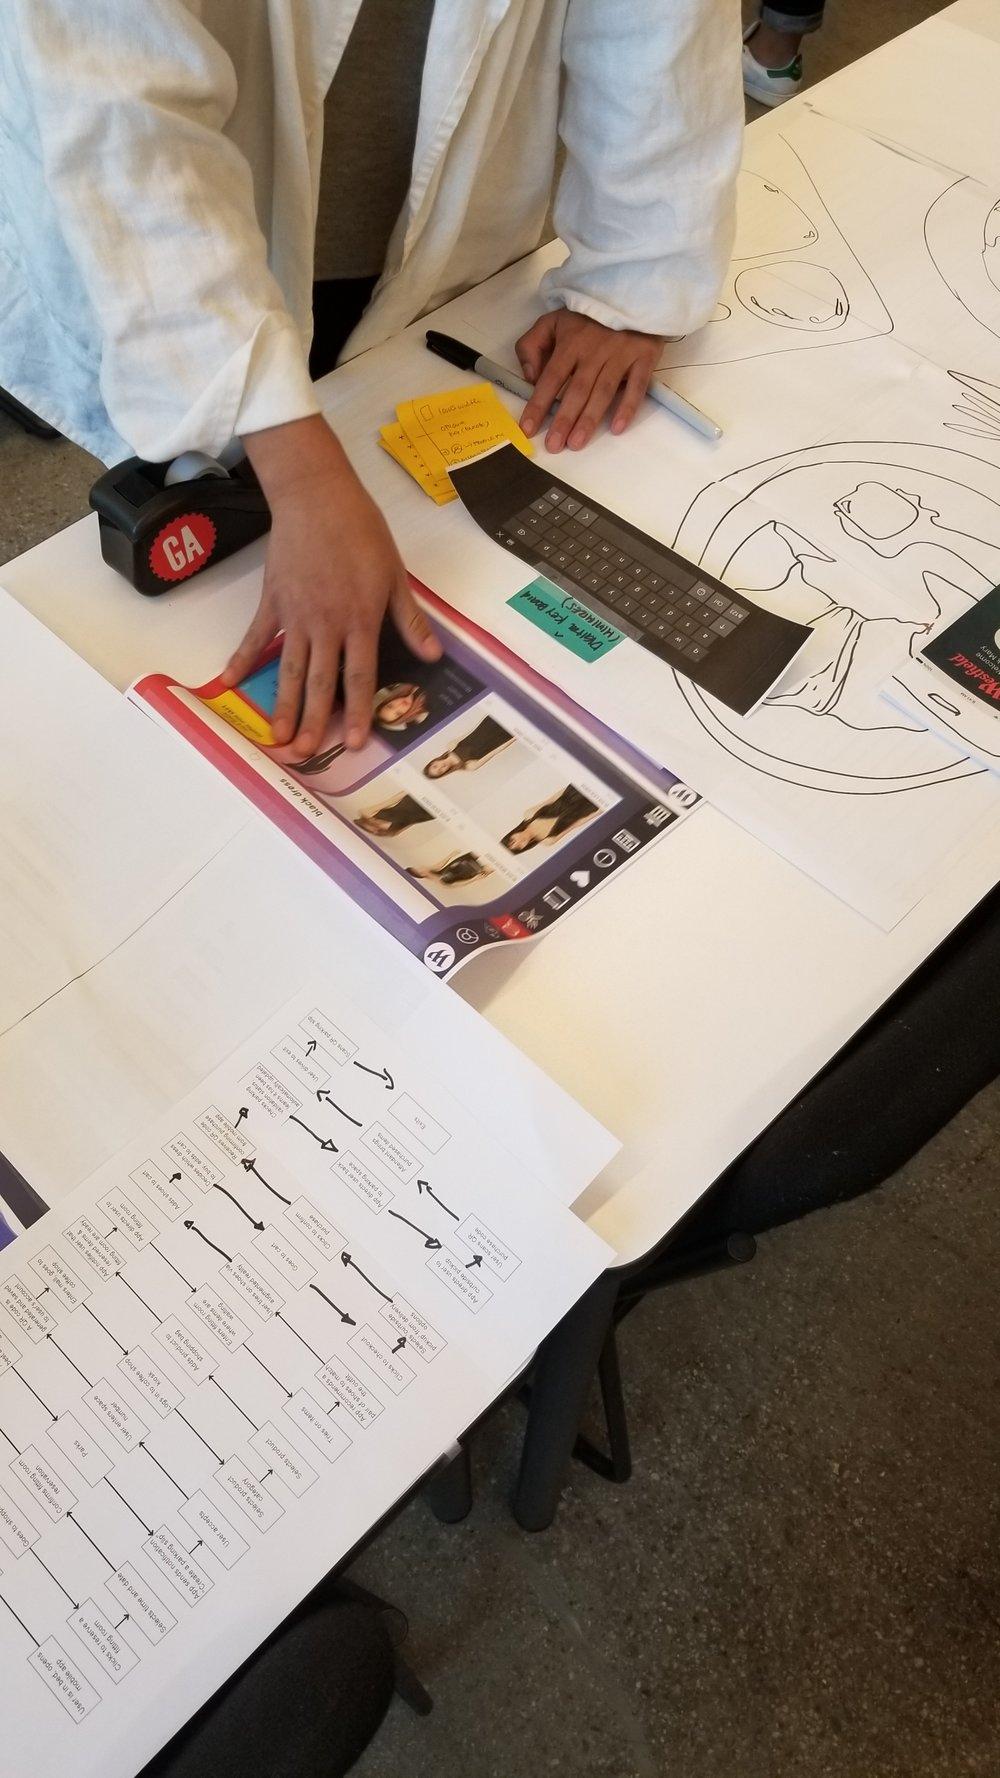 Kiosk Paper prototype User Test